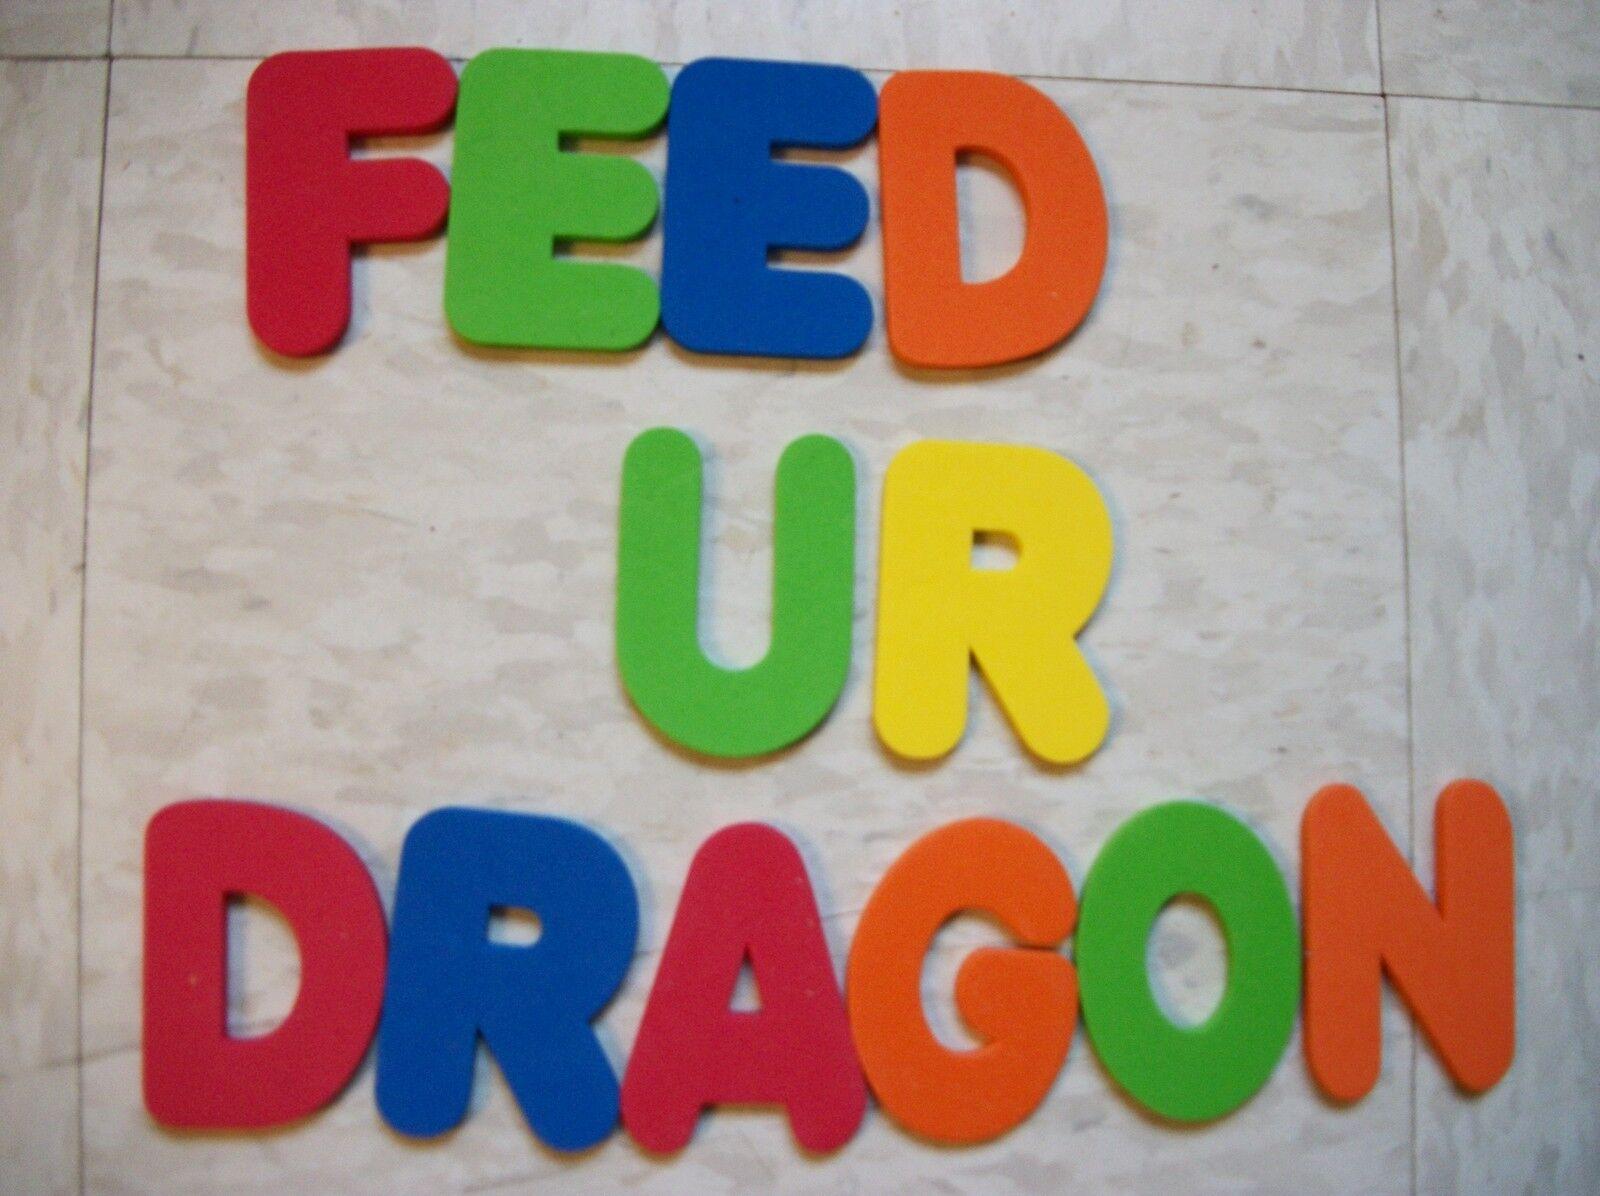 FEED UR DRAGON